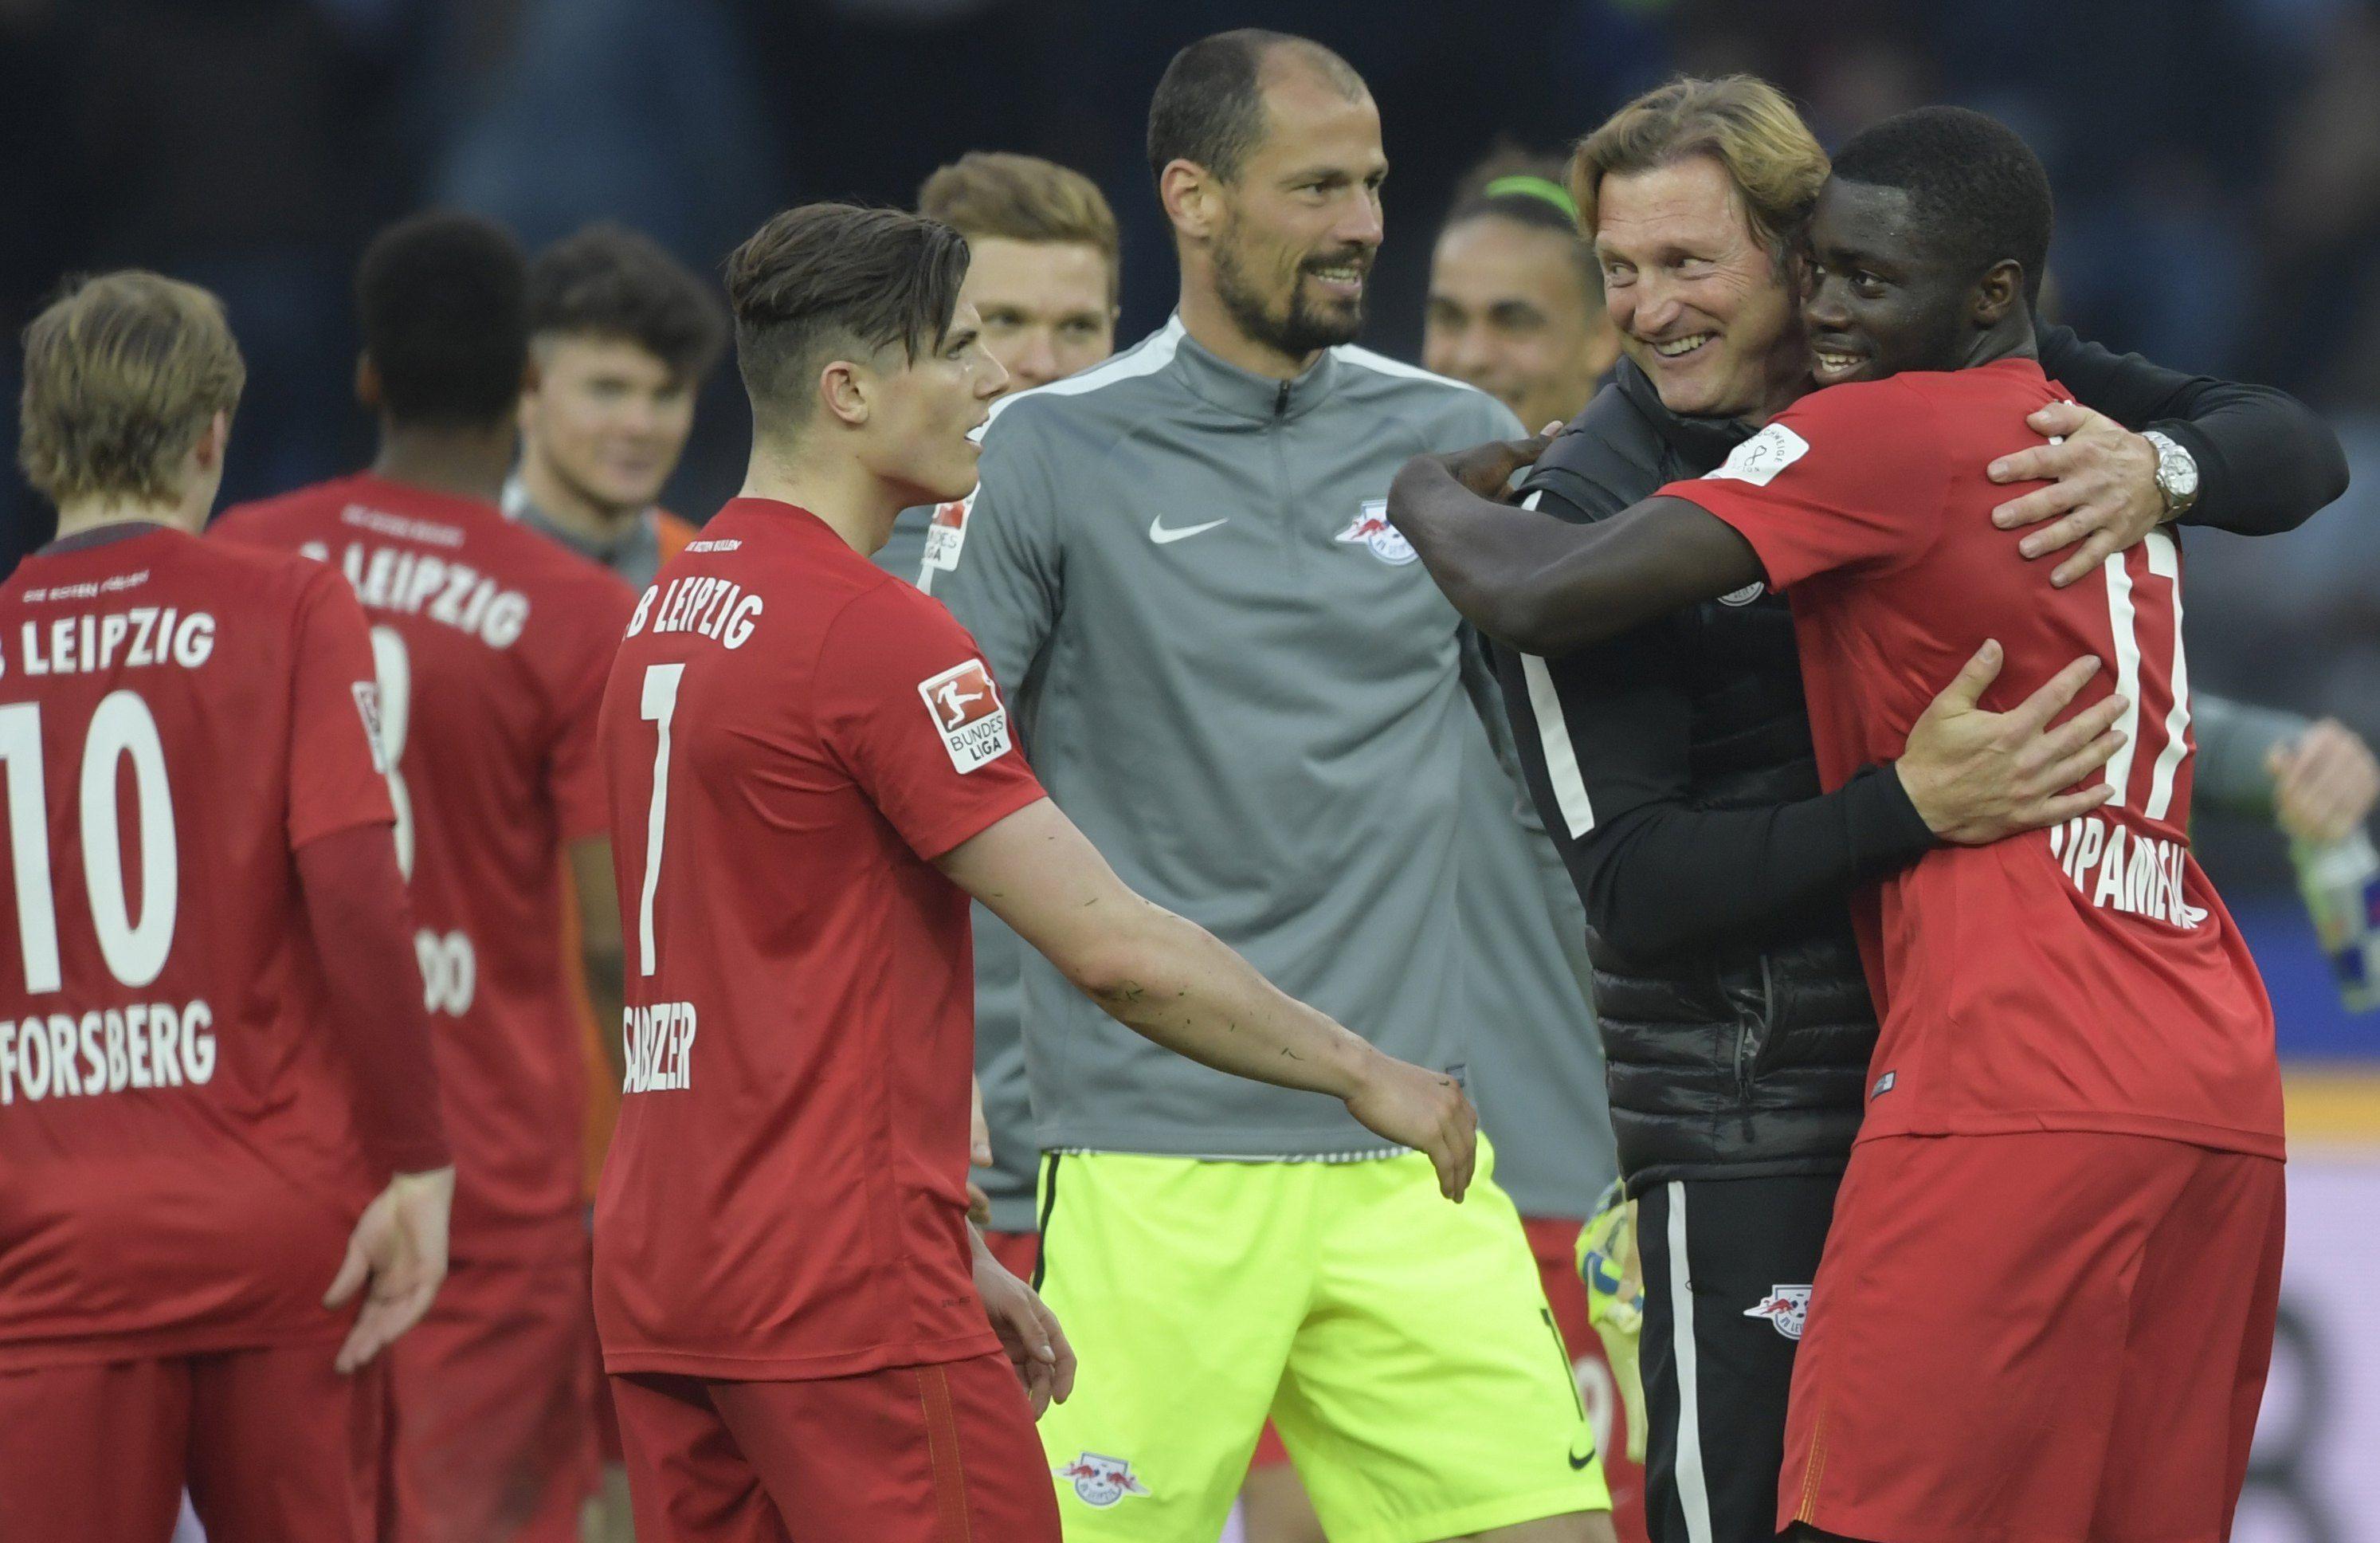 El millonario Leipzig hizo historia y jugará la Champions League